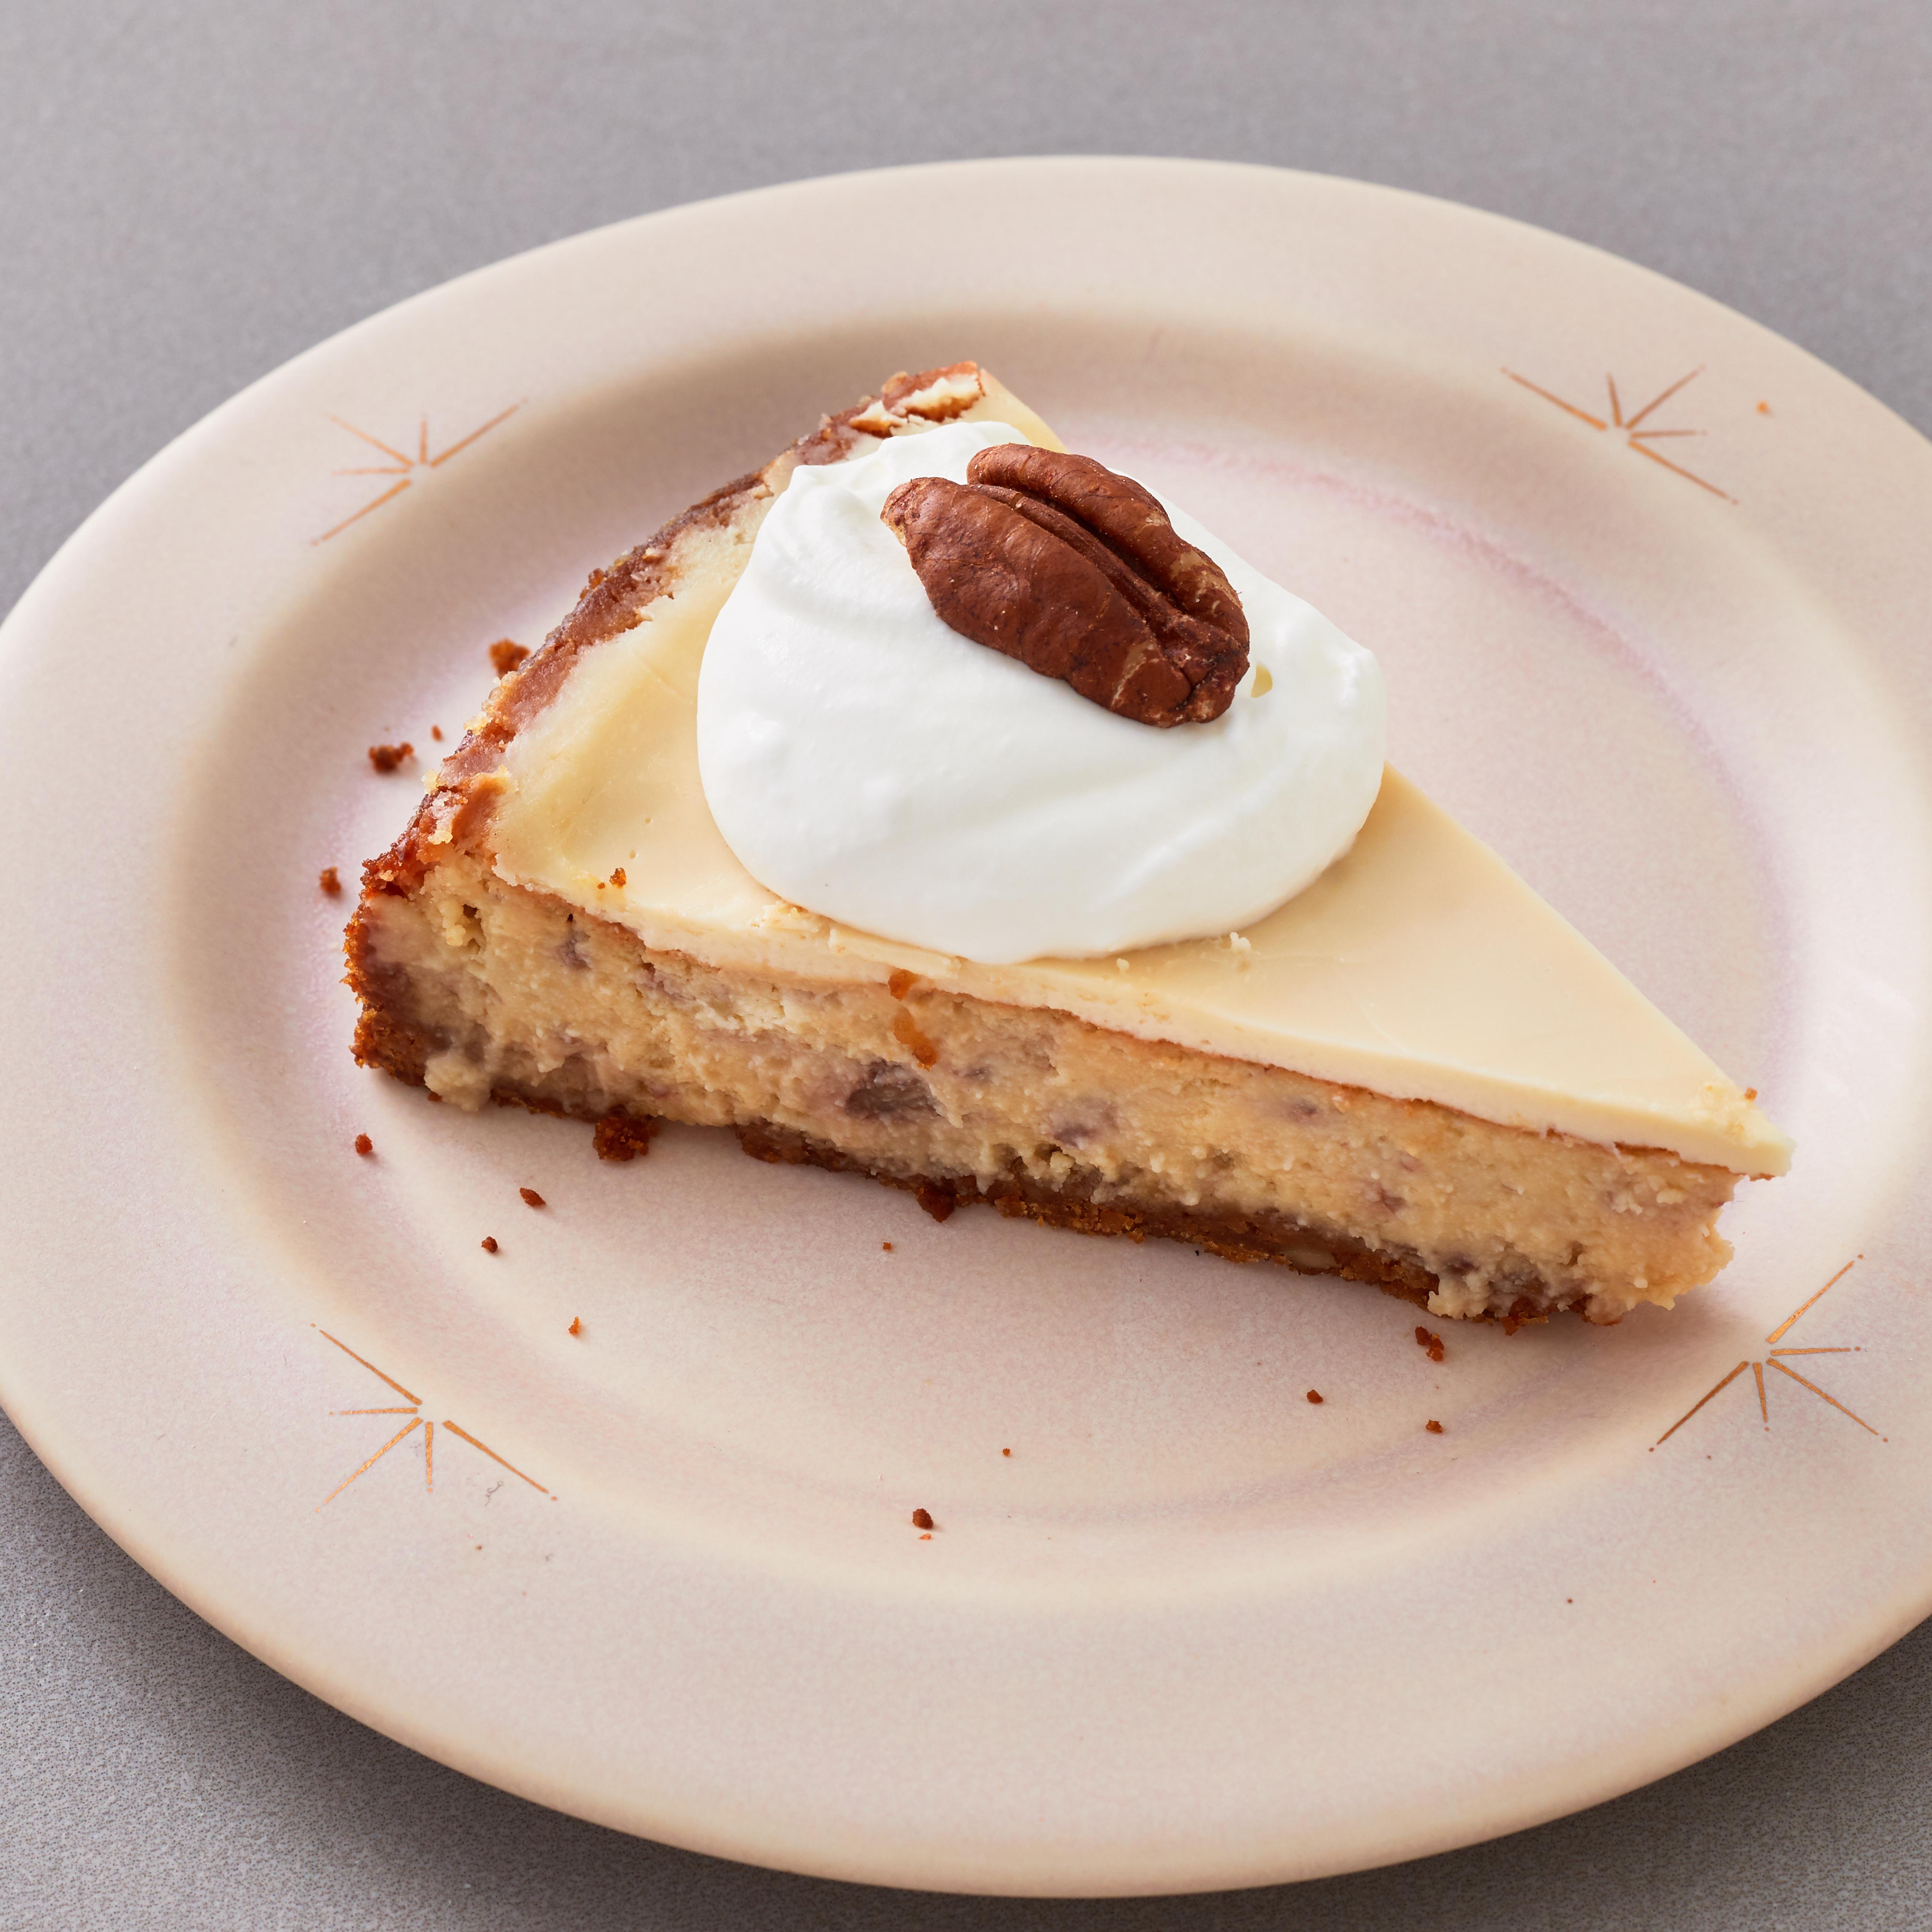 Praline Cheesecake